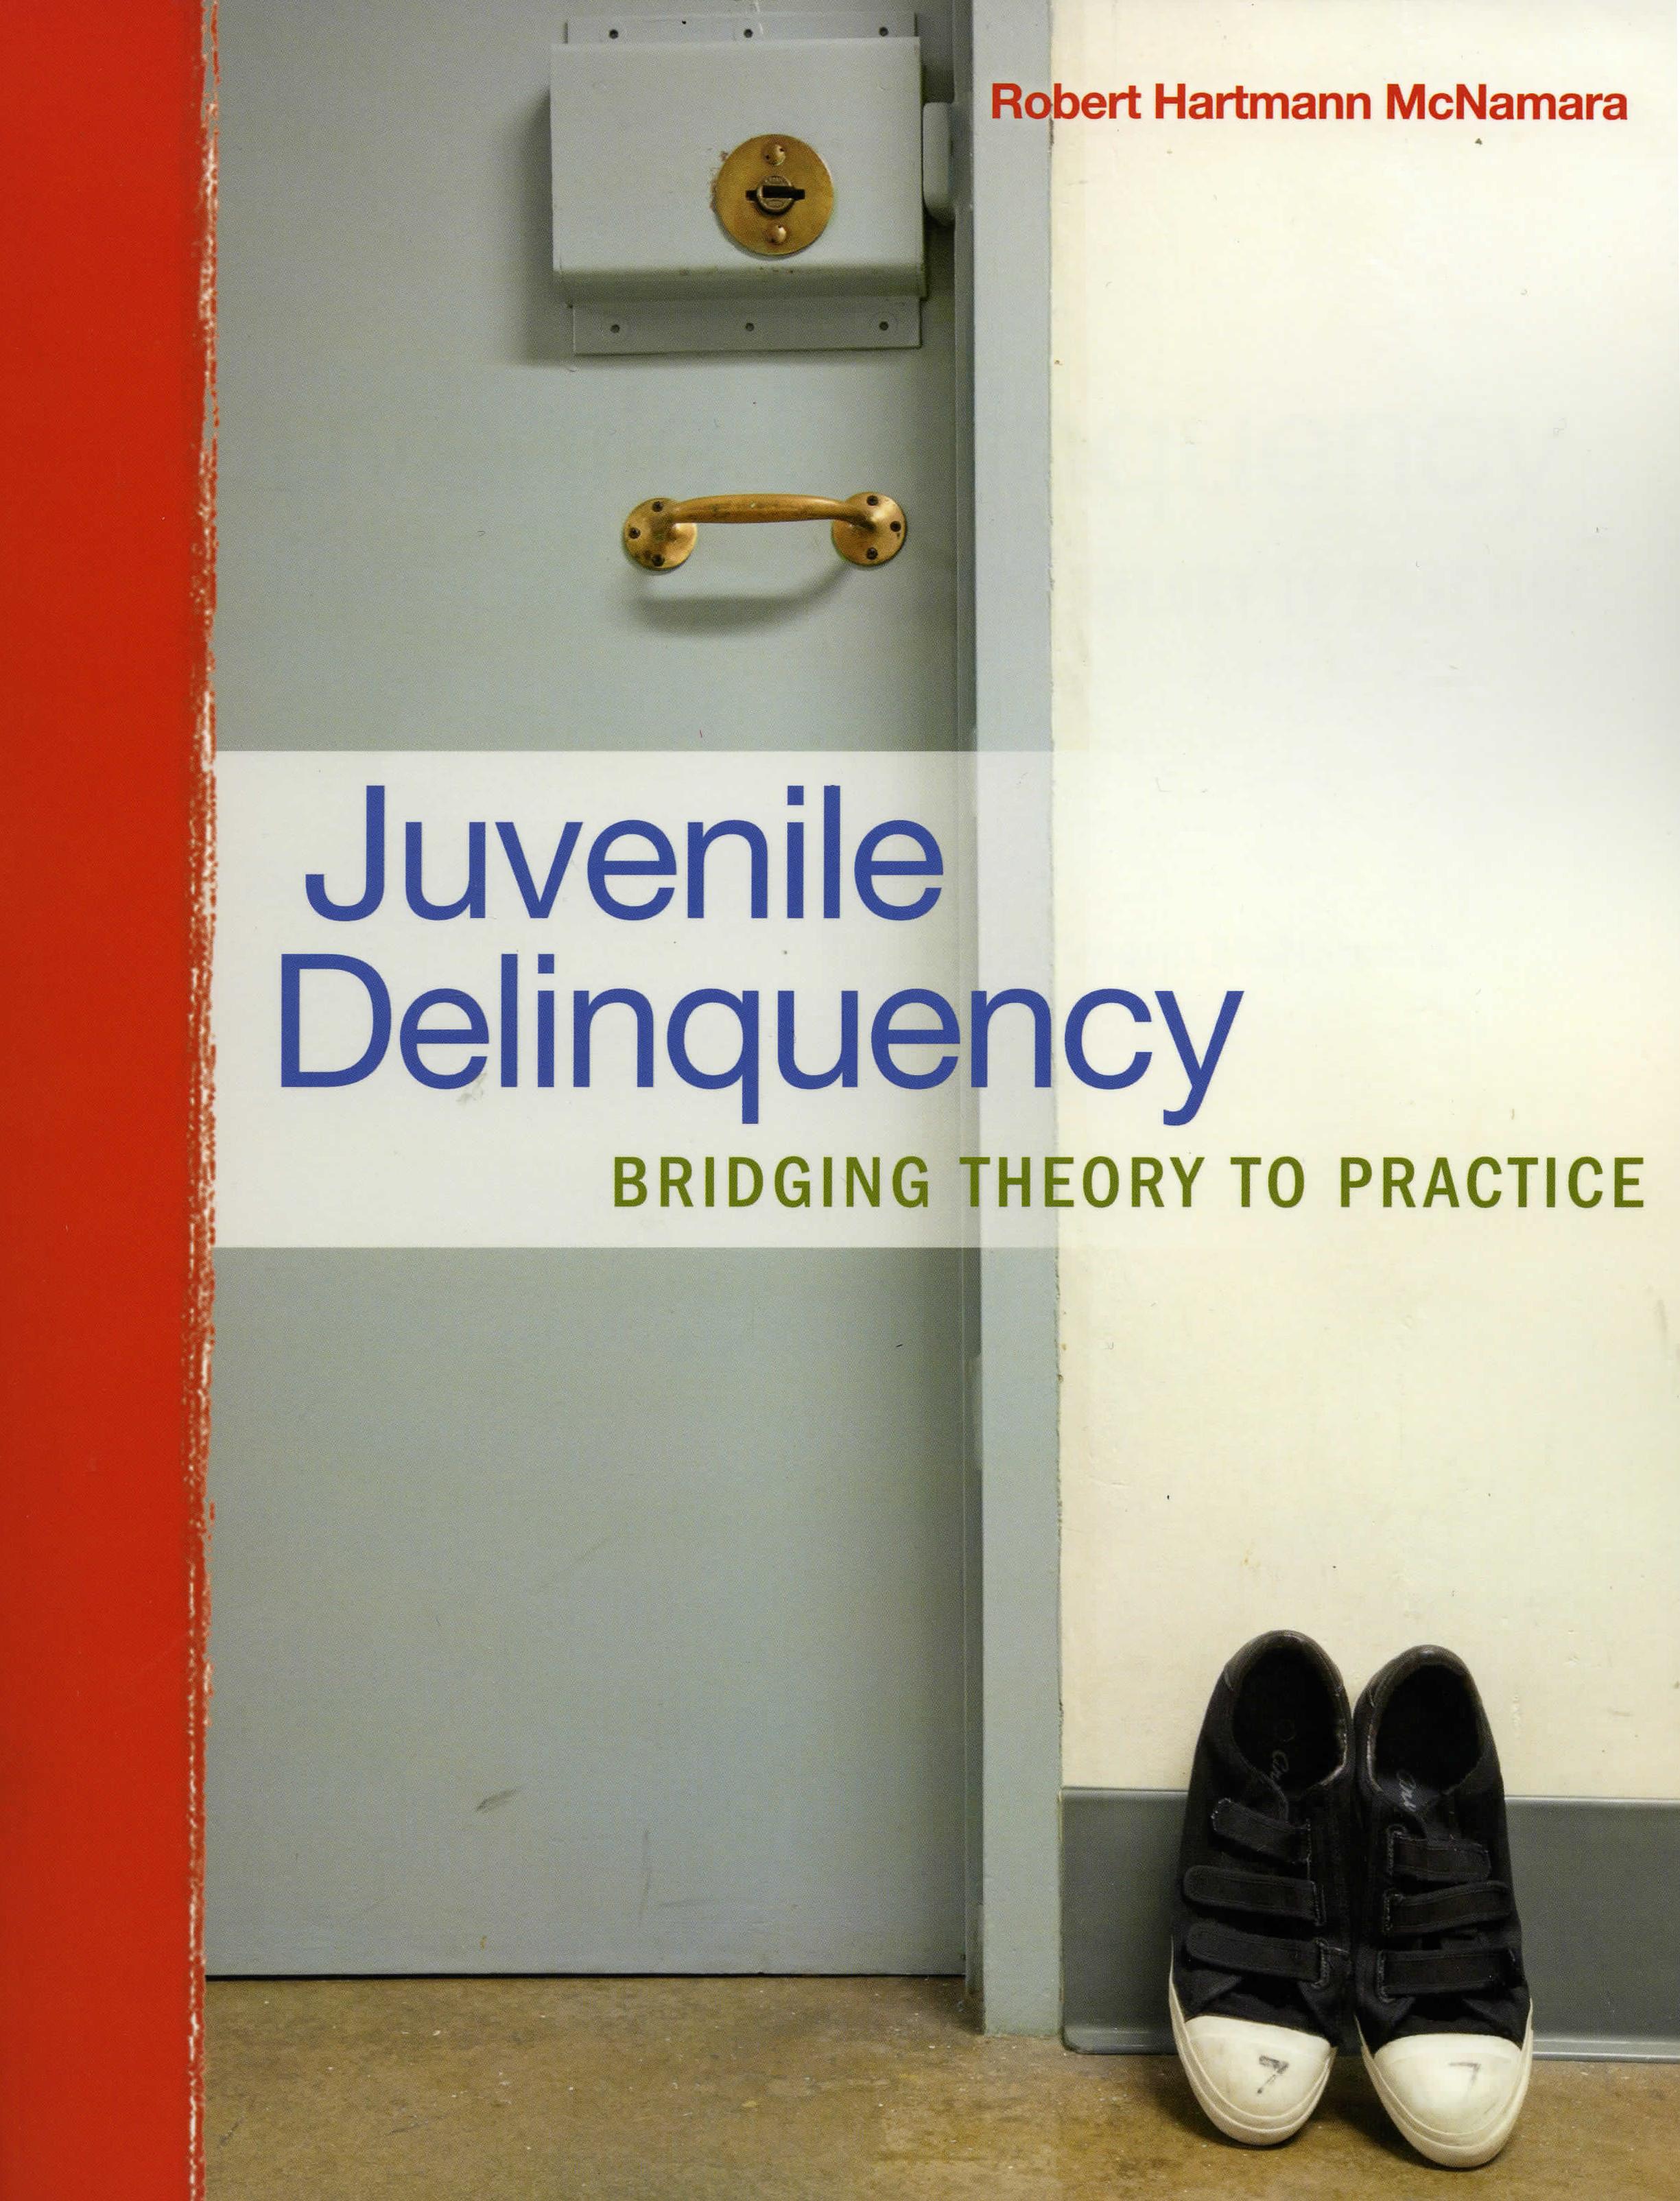 McNamara-Juvenile_Delinquency.jpg